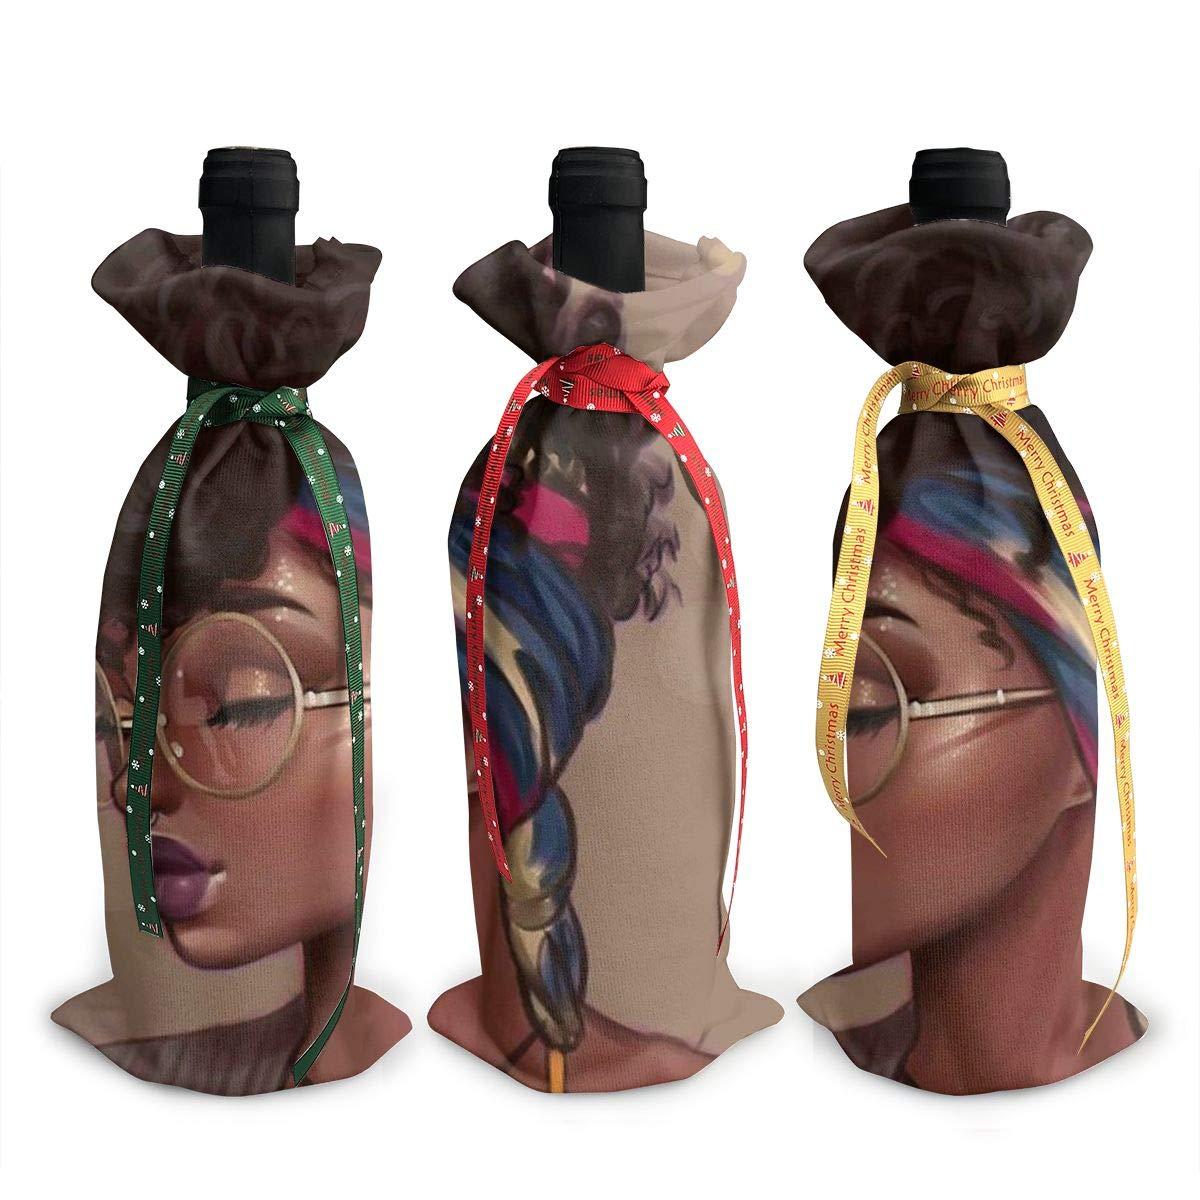 セクシー レディース アフリカンアメリカン ブラック レディース ワイン トートキャリアバッグ/財布 旅行、キャンプ、ピクニック用 3個セット B07K4WK1BS